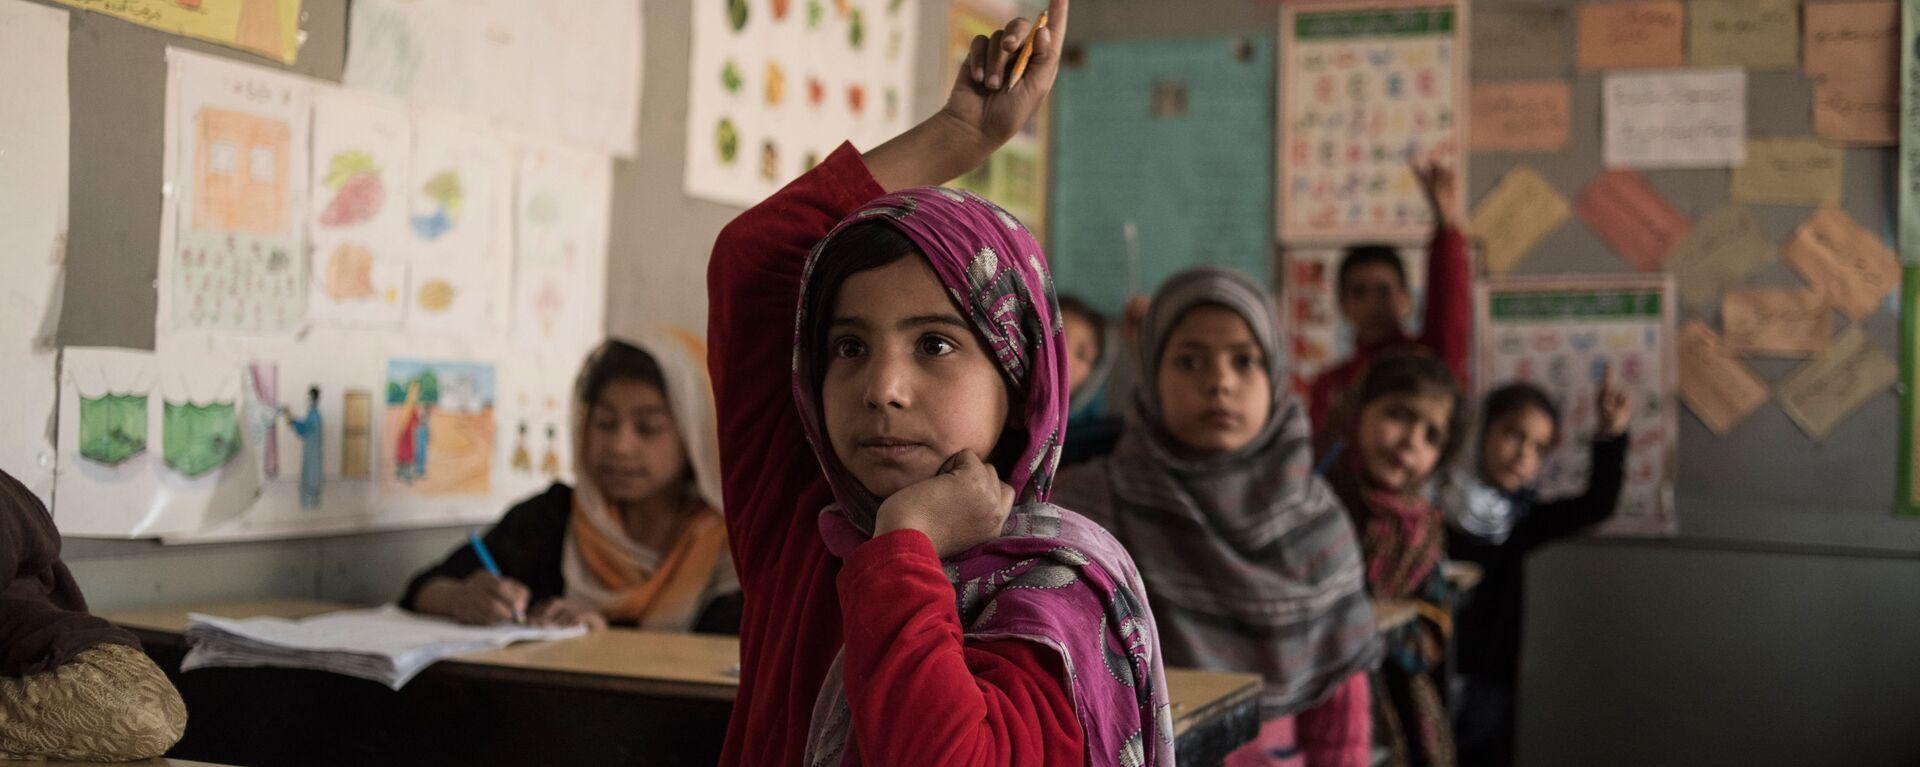 Ученики в классе школы для бывших беспризорных детей Aschiana в Кабуле  - Sputnik Узбекистан, 1920, 31.08.2021